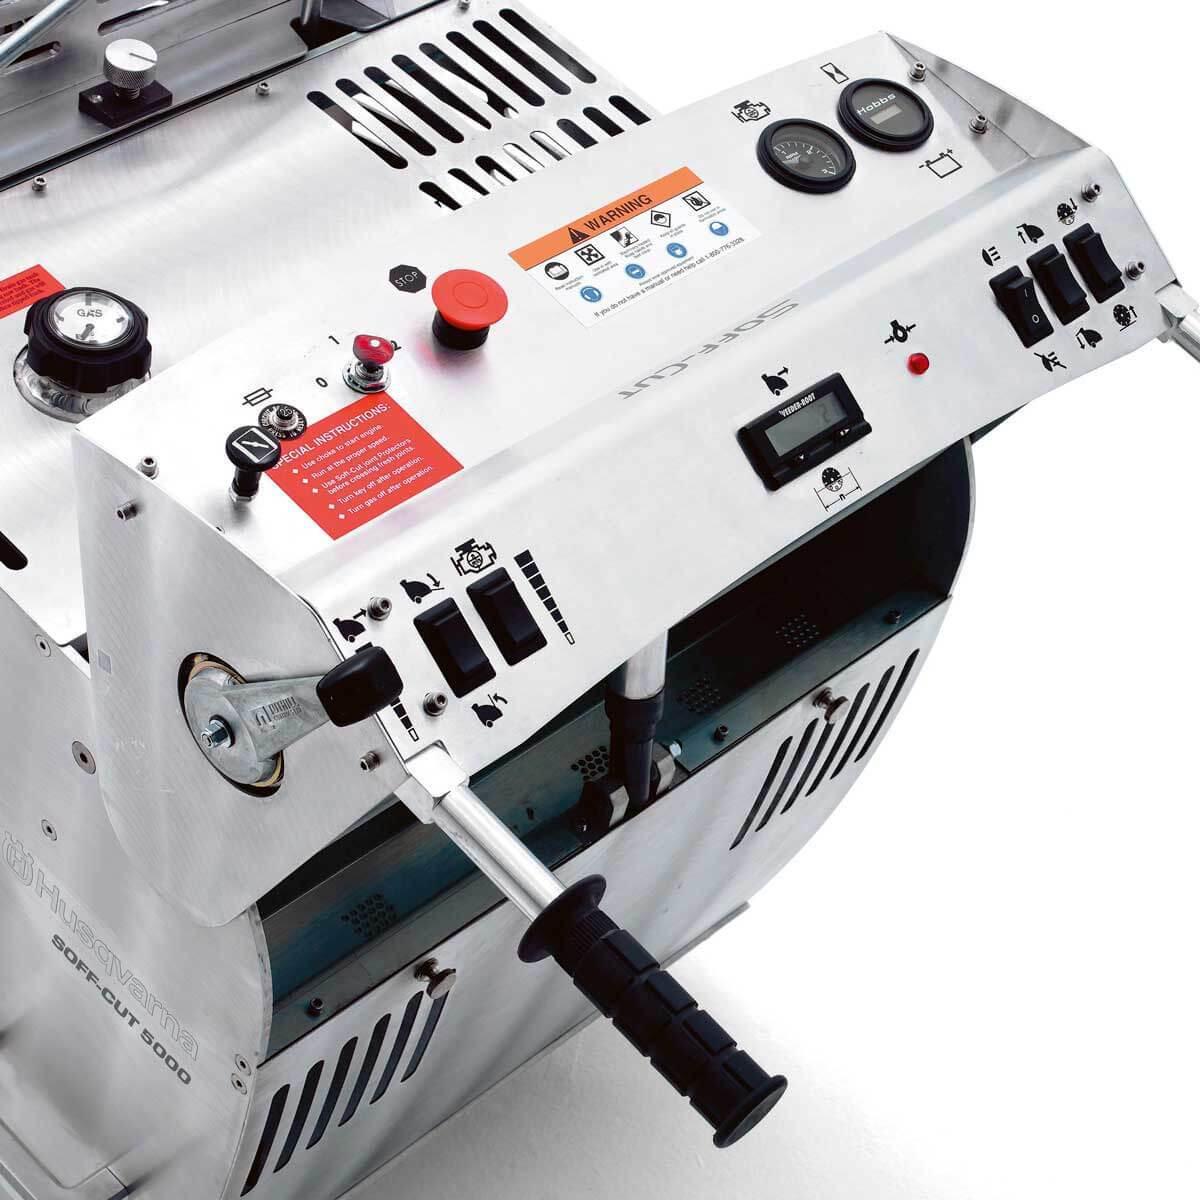 Soff-Cut 5000 saw console